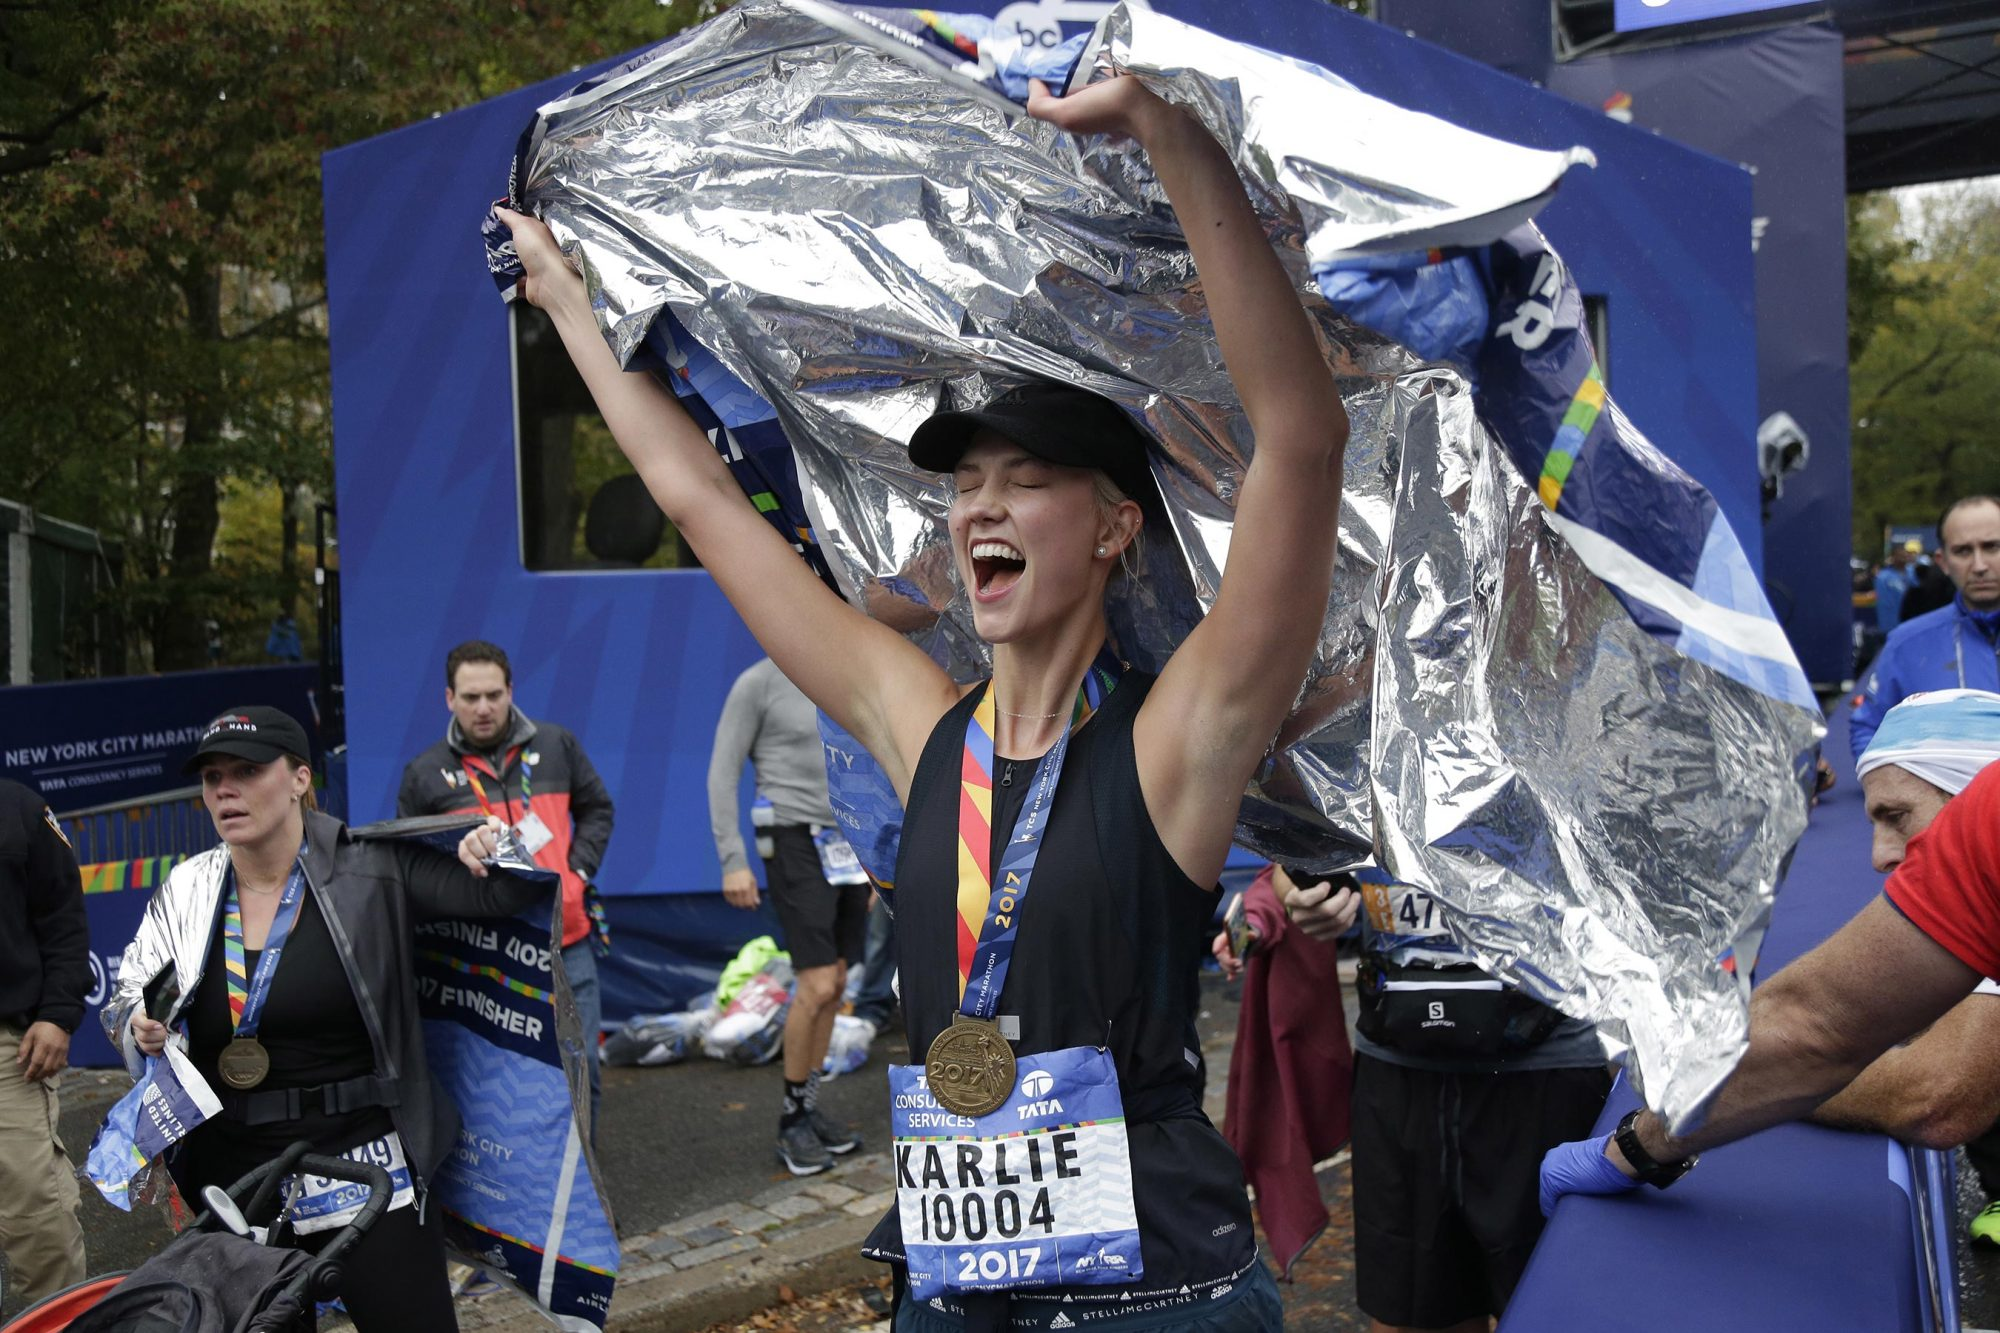 NYC Marathon, New York, USA - 05 Nov 2017